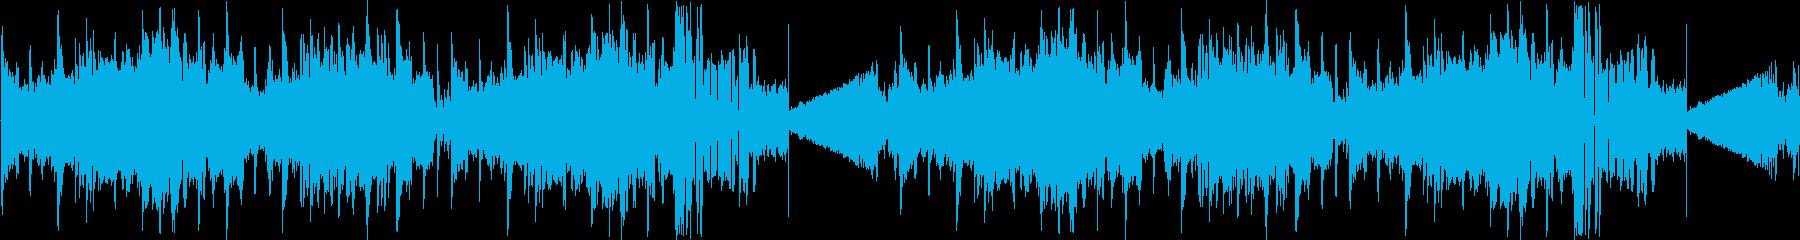 【ラウンジJAZZ/チルアウト】の再生済みの波形